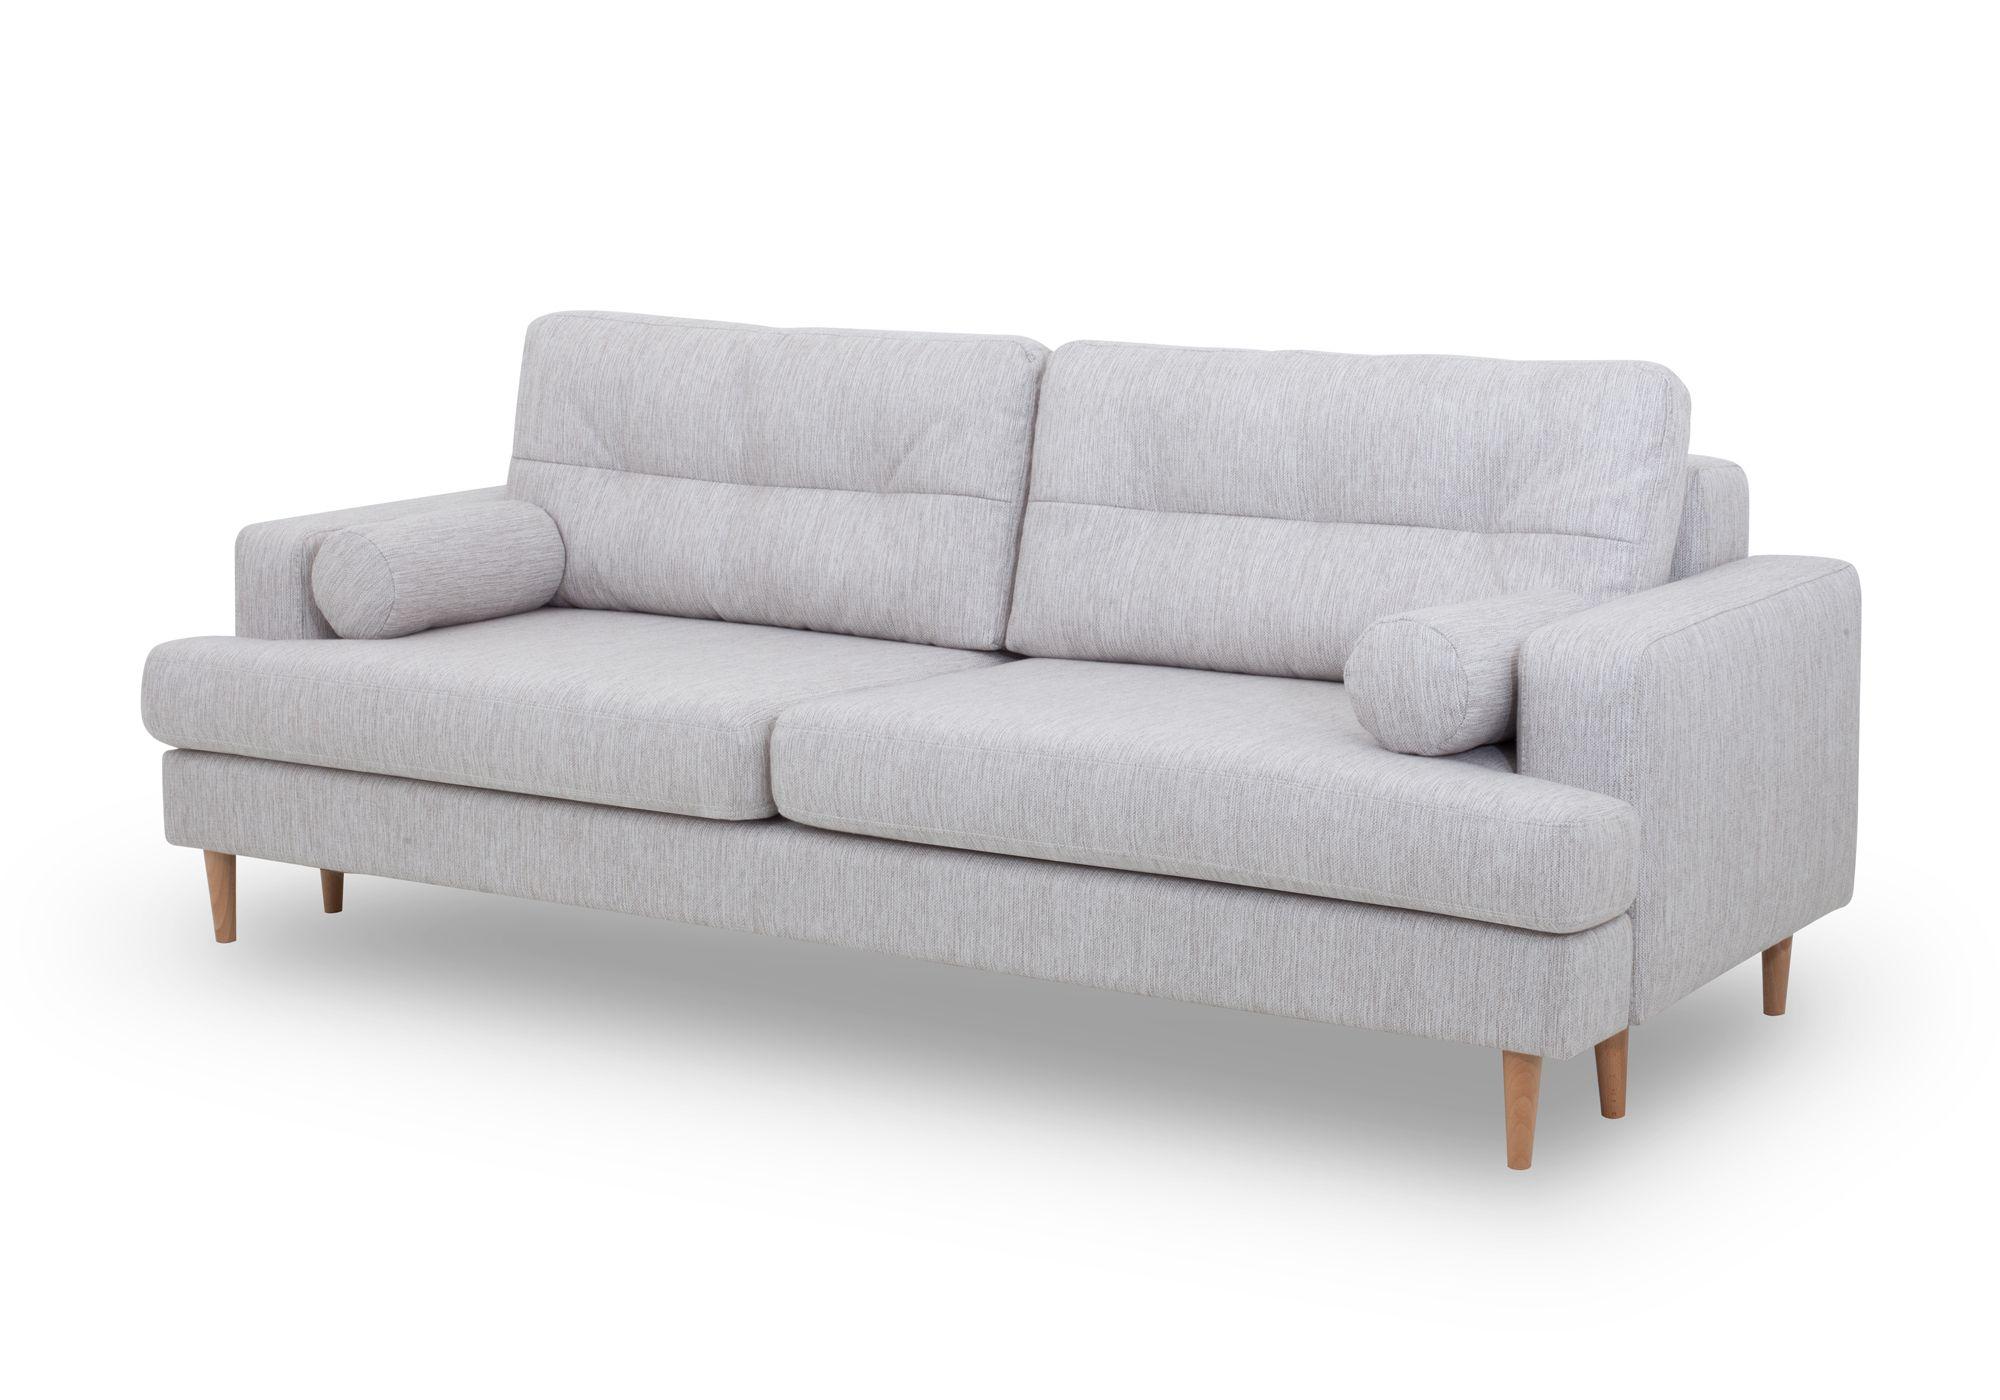 SOFA LOREN Trzyosobowa sofa LOREN to nowoczesne rozwiązania w